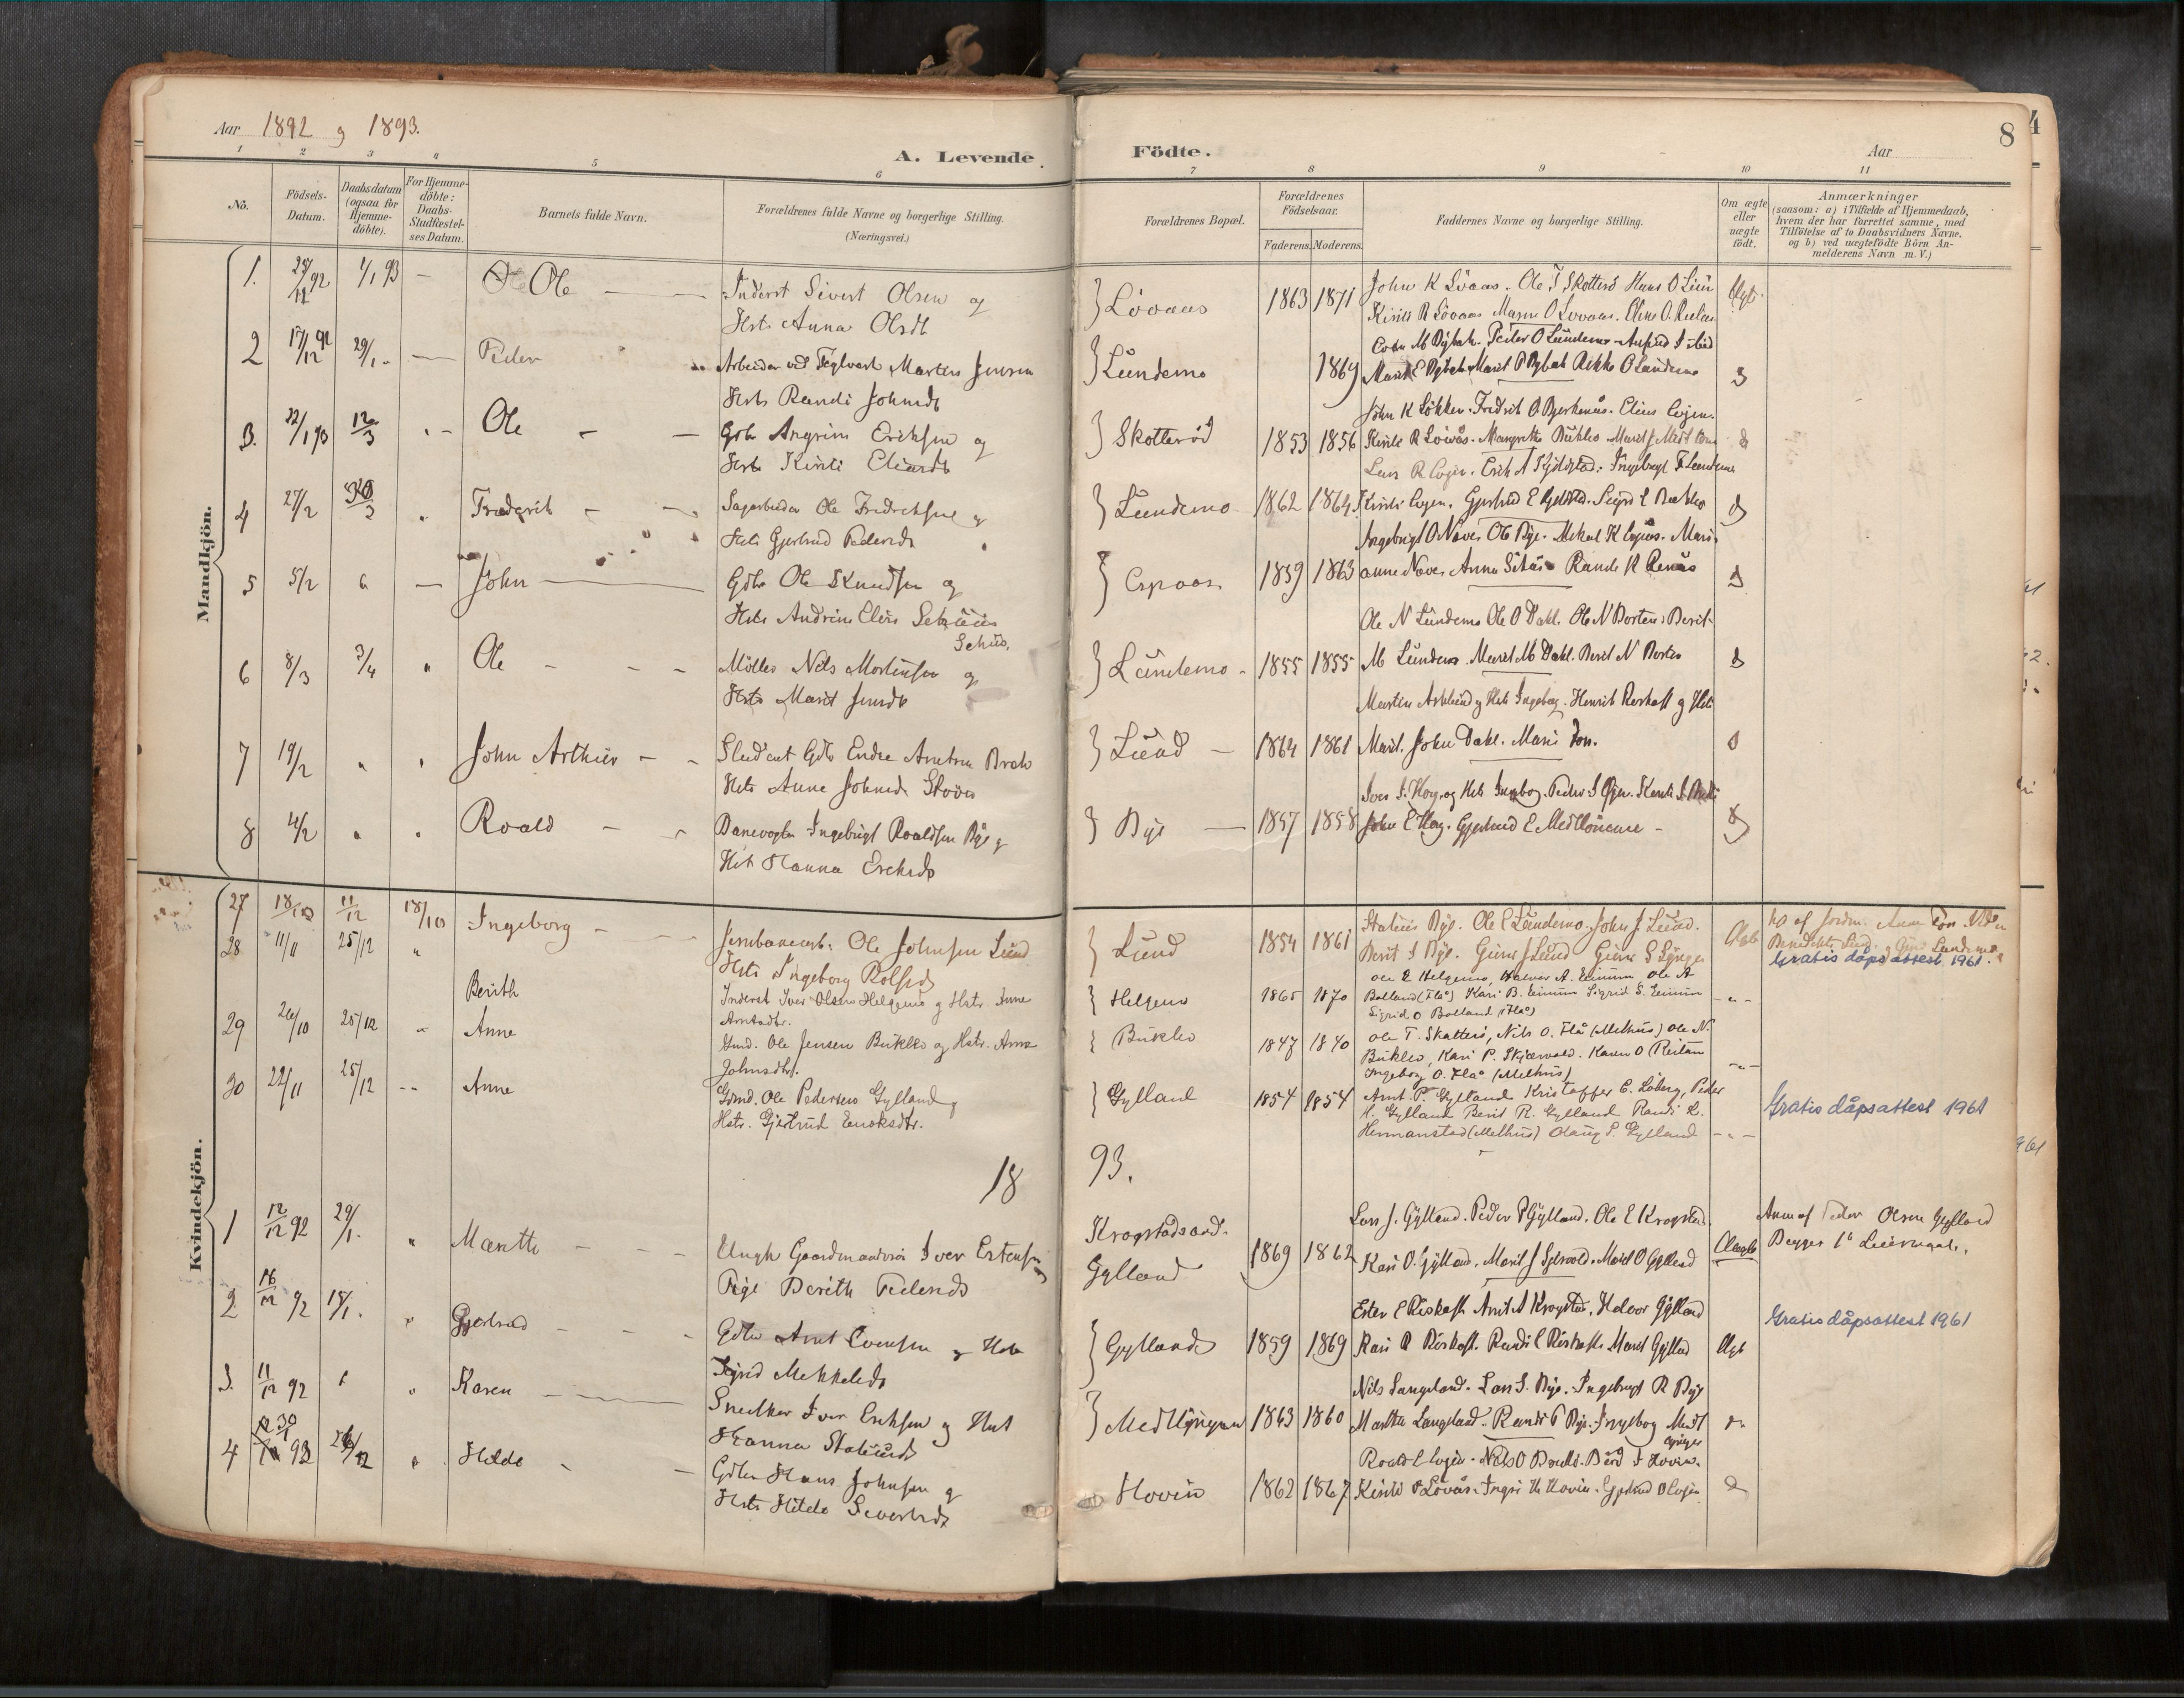 SAT, Ministerialprotokoller, klokkerbøker og fødselsregistre - Sør-Trøndelag, 692/L1105b: Ministerialbok nr. 692A06, 1891-1934, s. 8